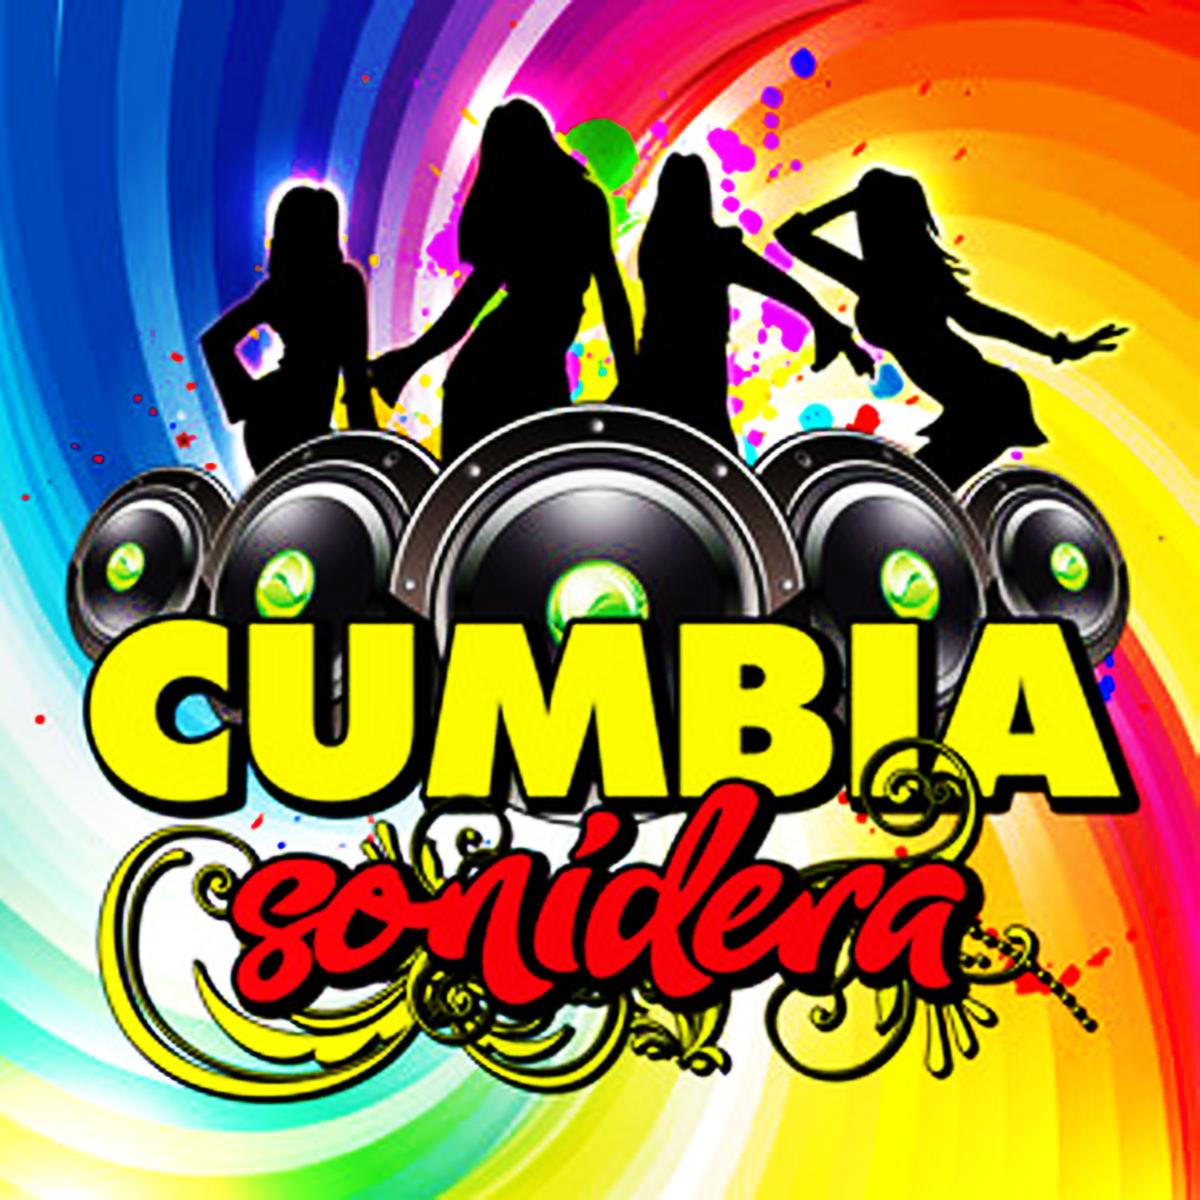 Cumbia Sonidera Radio